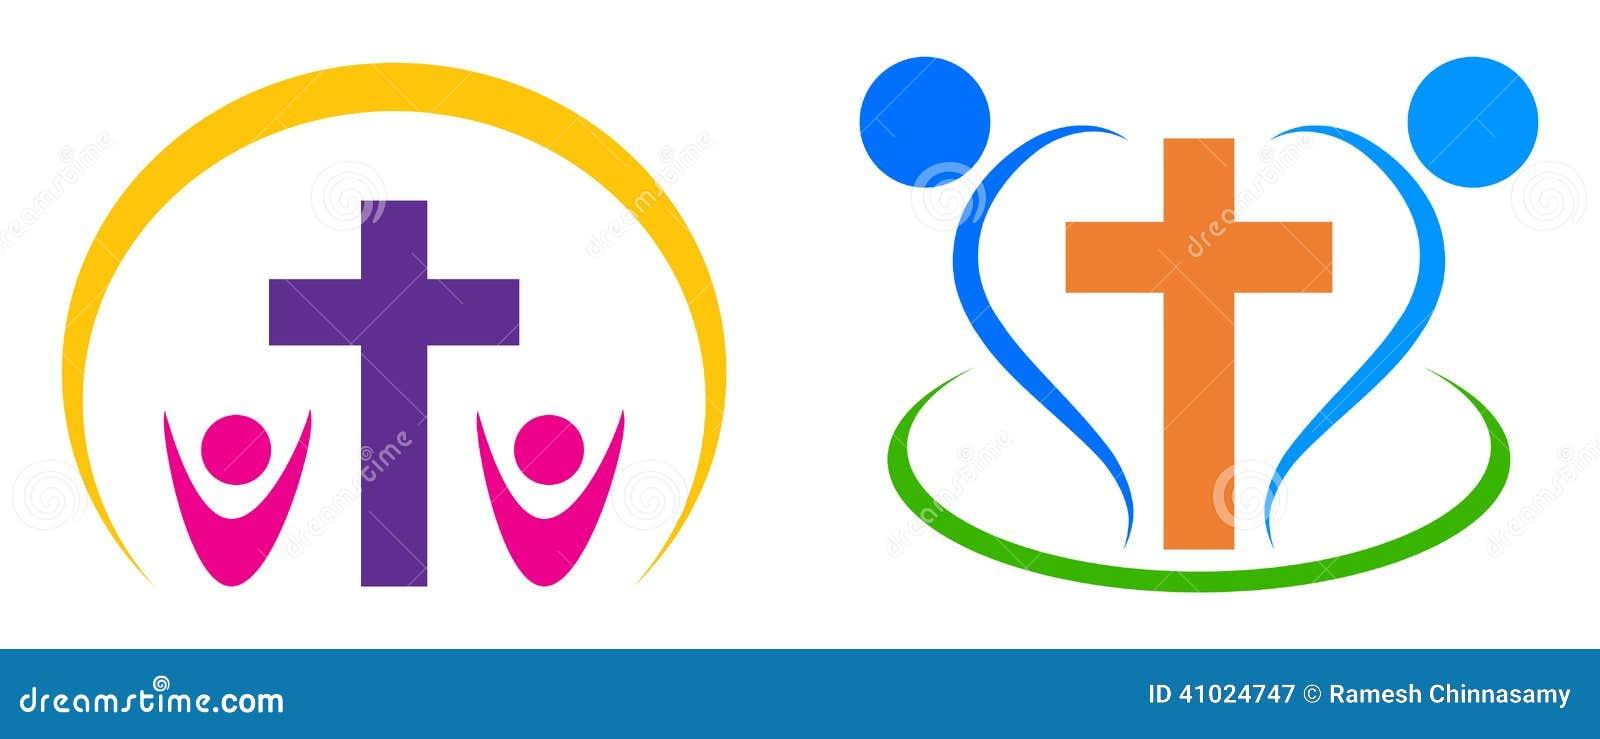 ... 的包,标志是圆的,里面一个横竖一样长的十字架